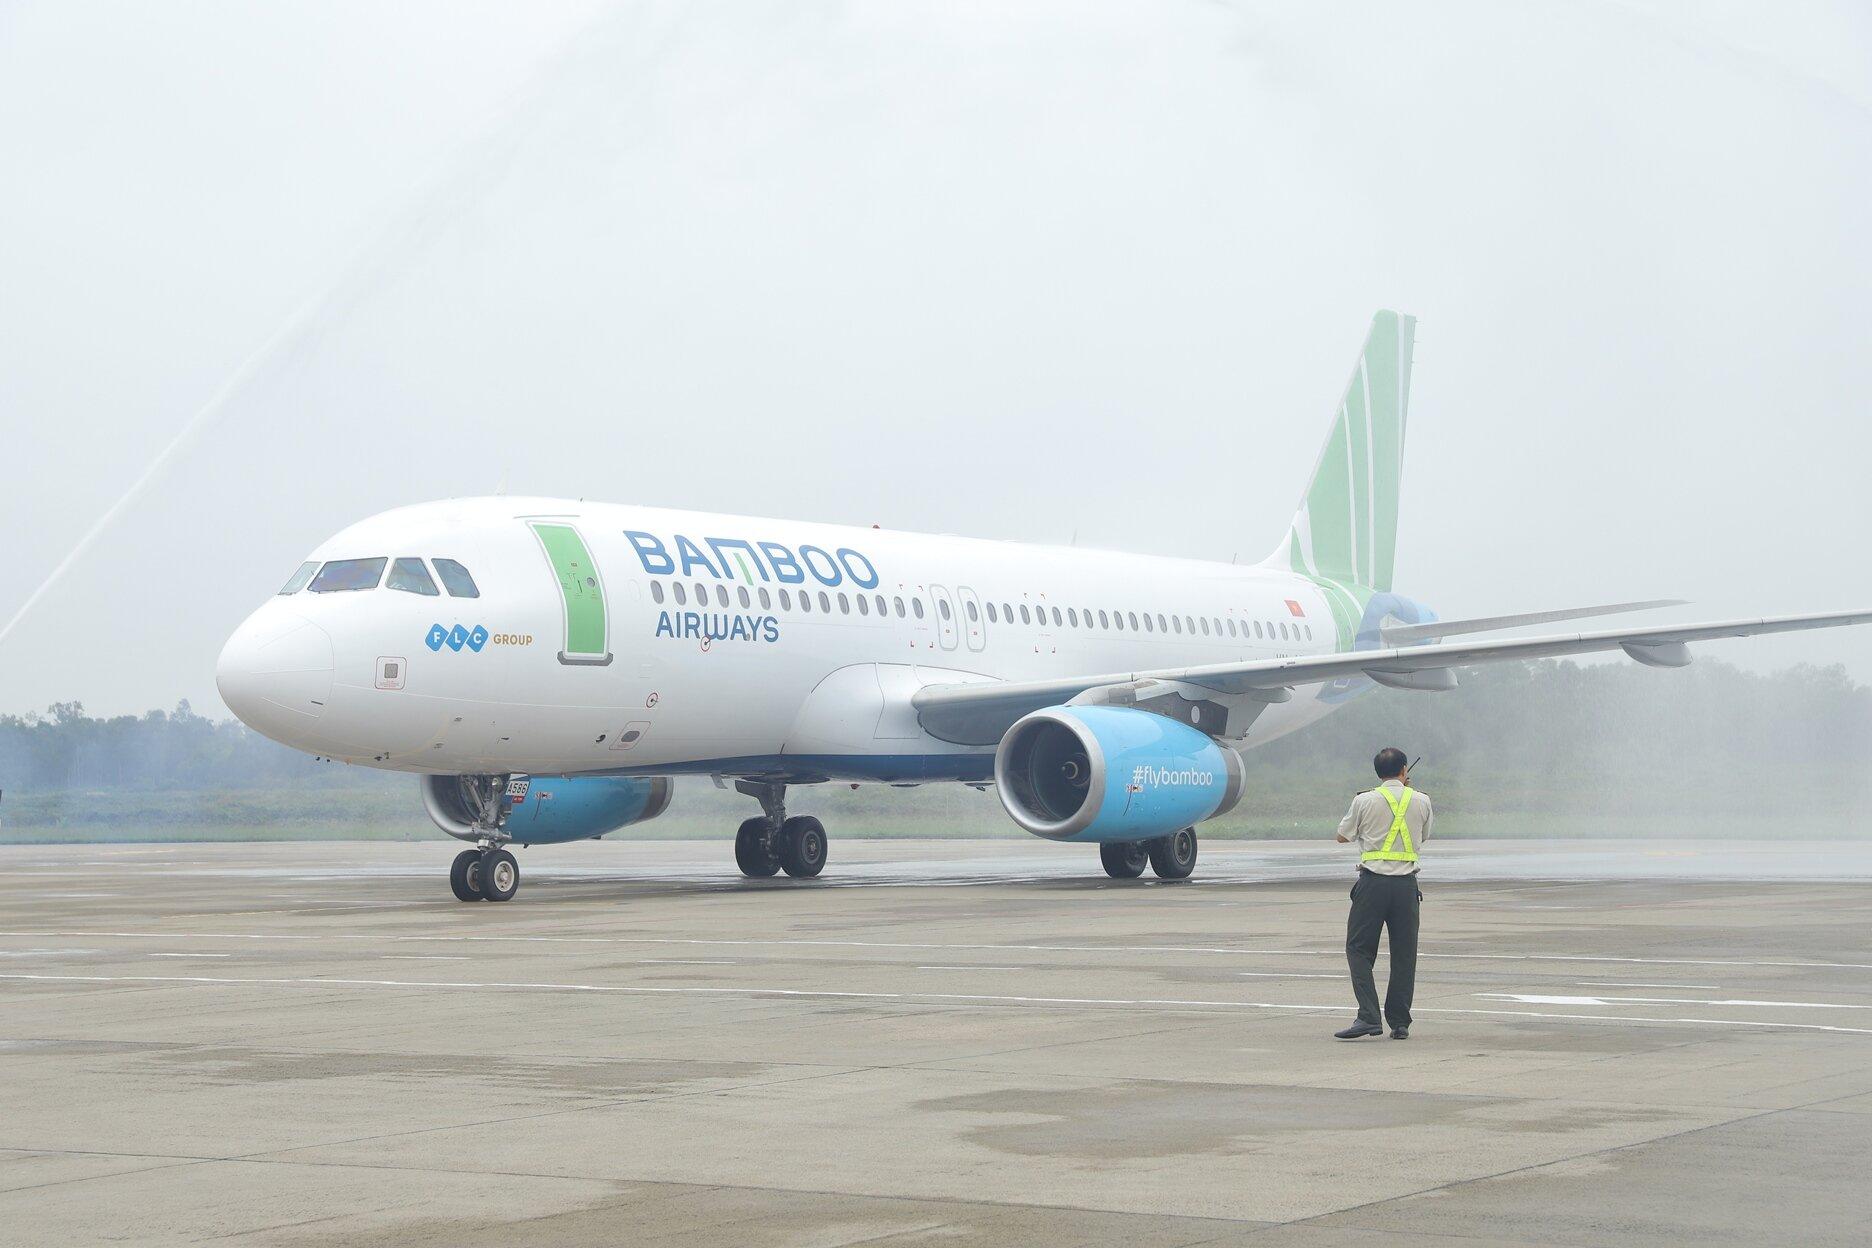 Bamboo Airways chính thức khai trương 4 đường bay từ Vinh, giá vé ưu đãi từ 149.000 đồng